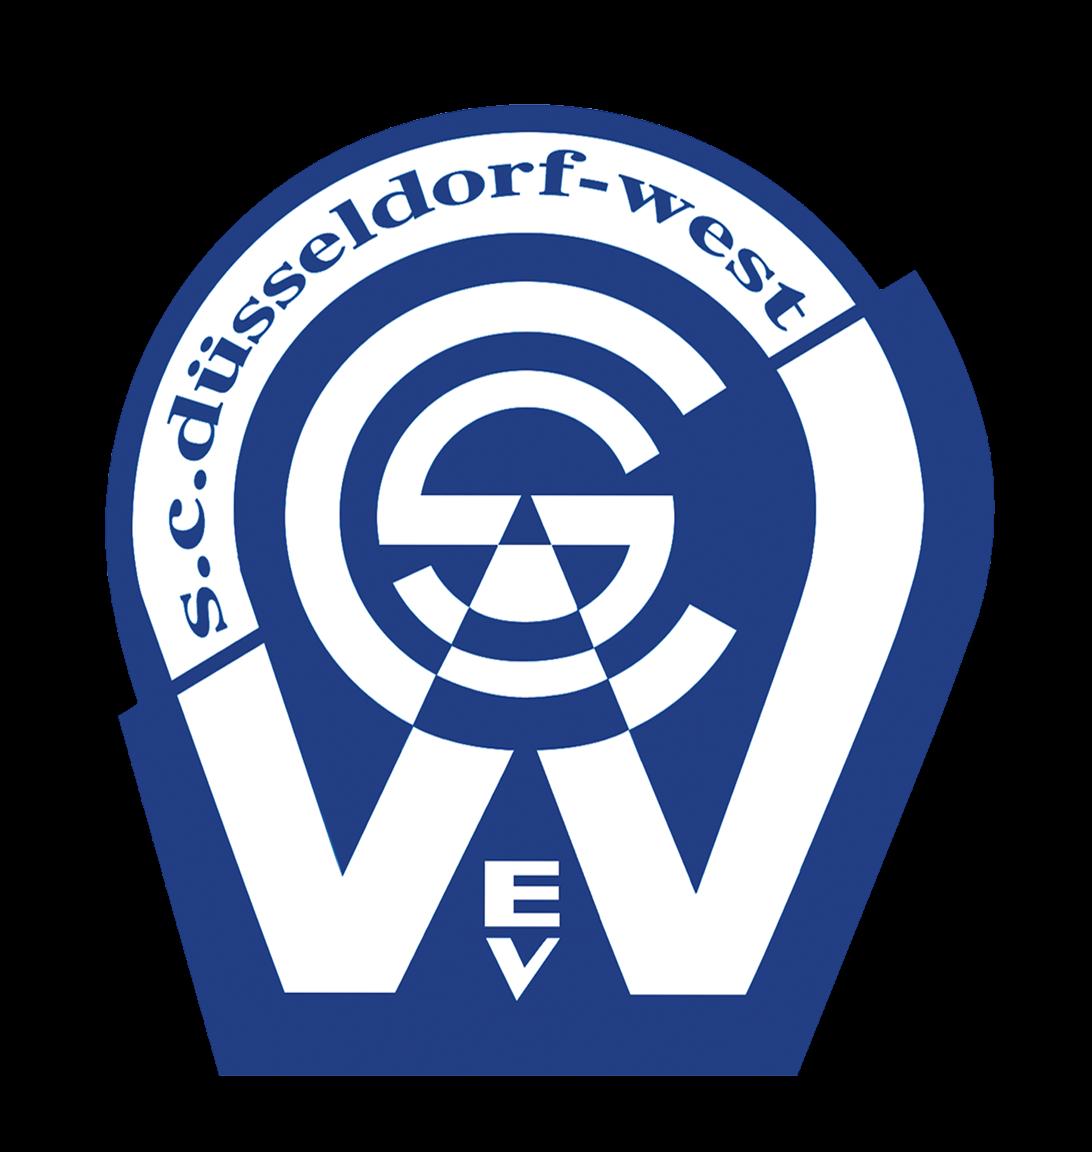 SC Düsseldorf-West 1919/1950 e.V. I